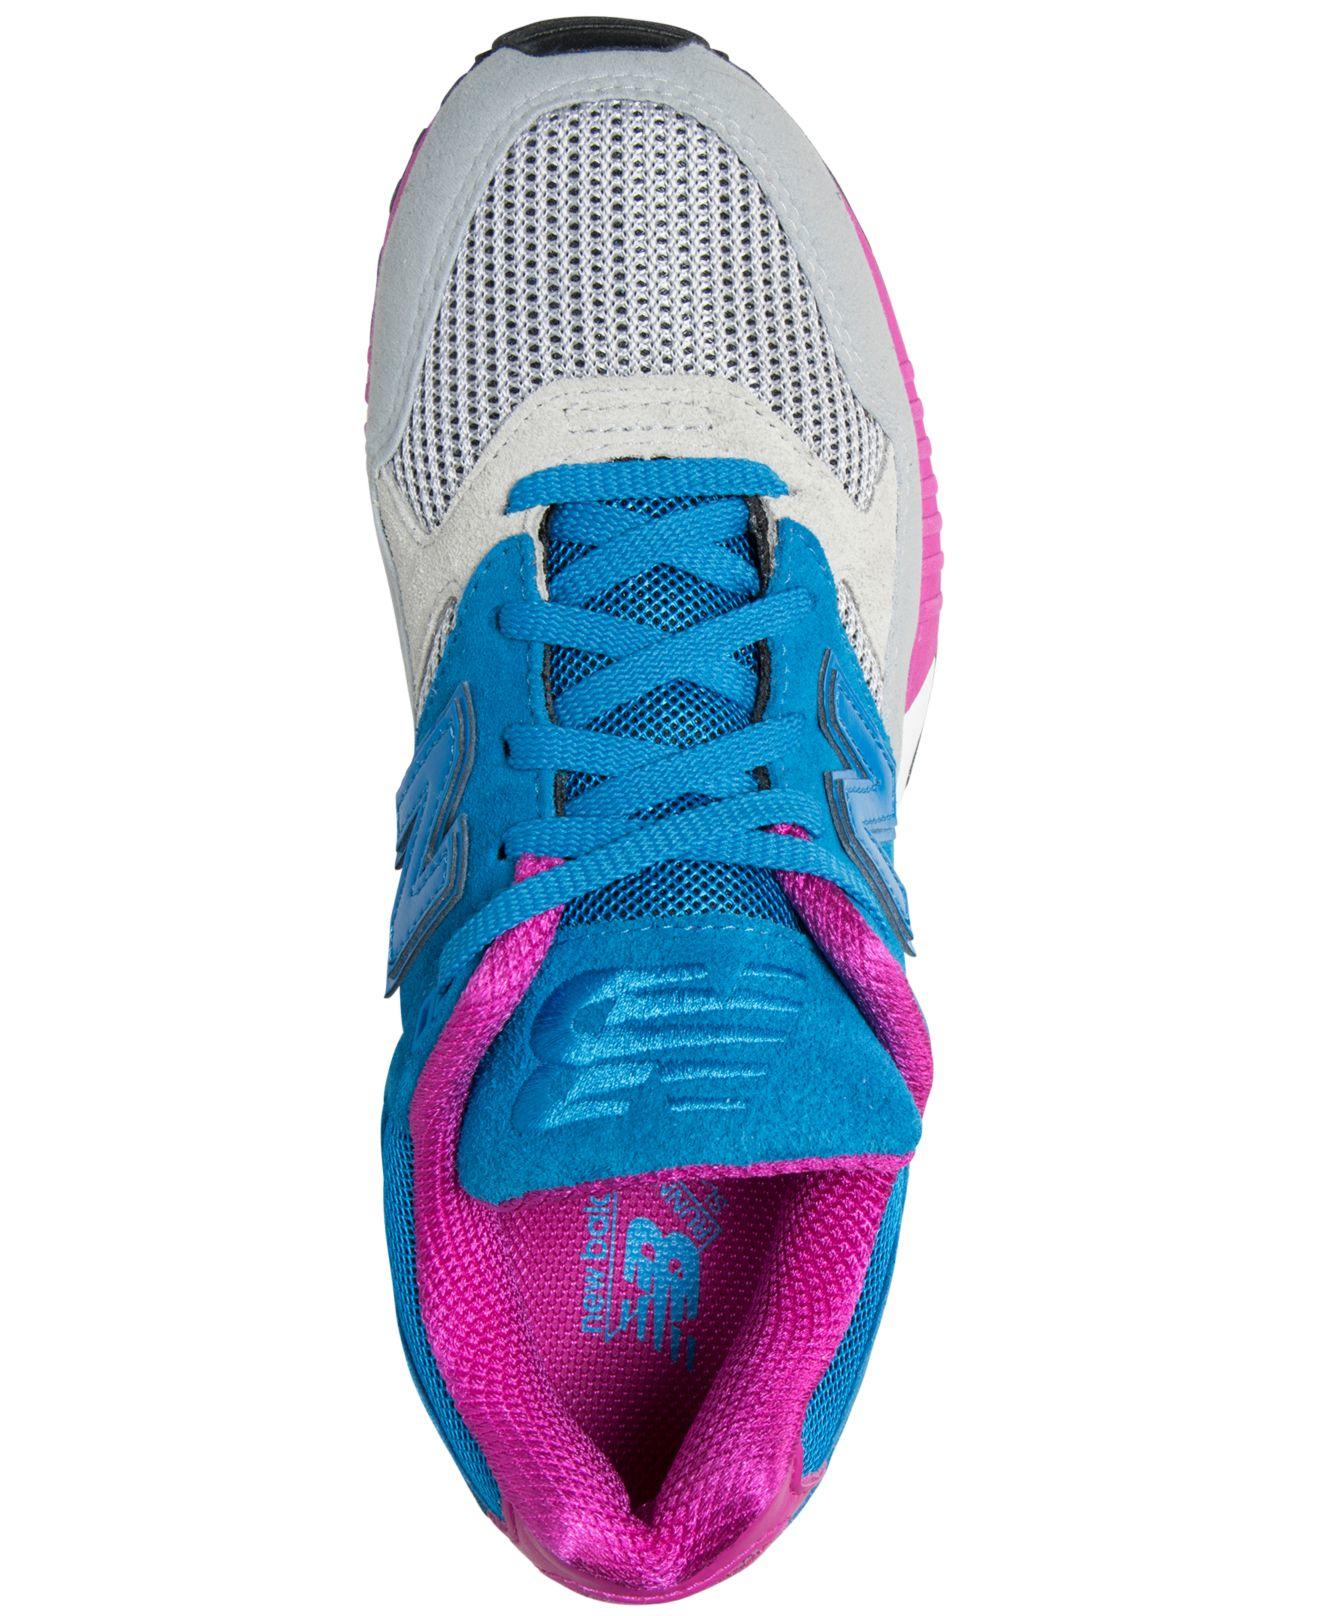 women's new balance 530 robotech casual shoes